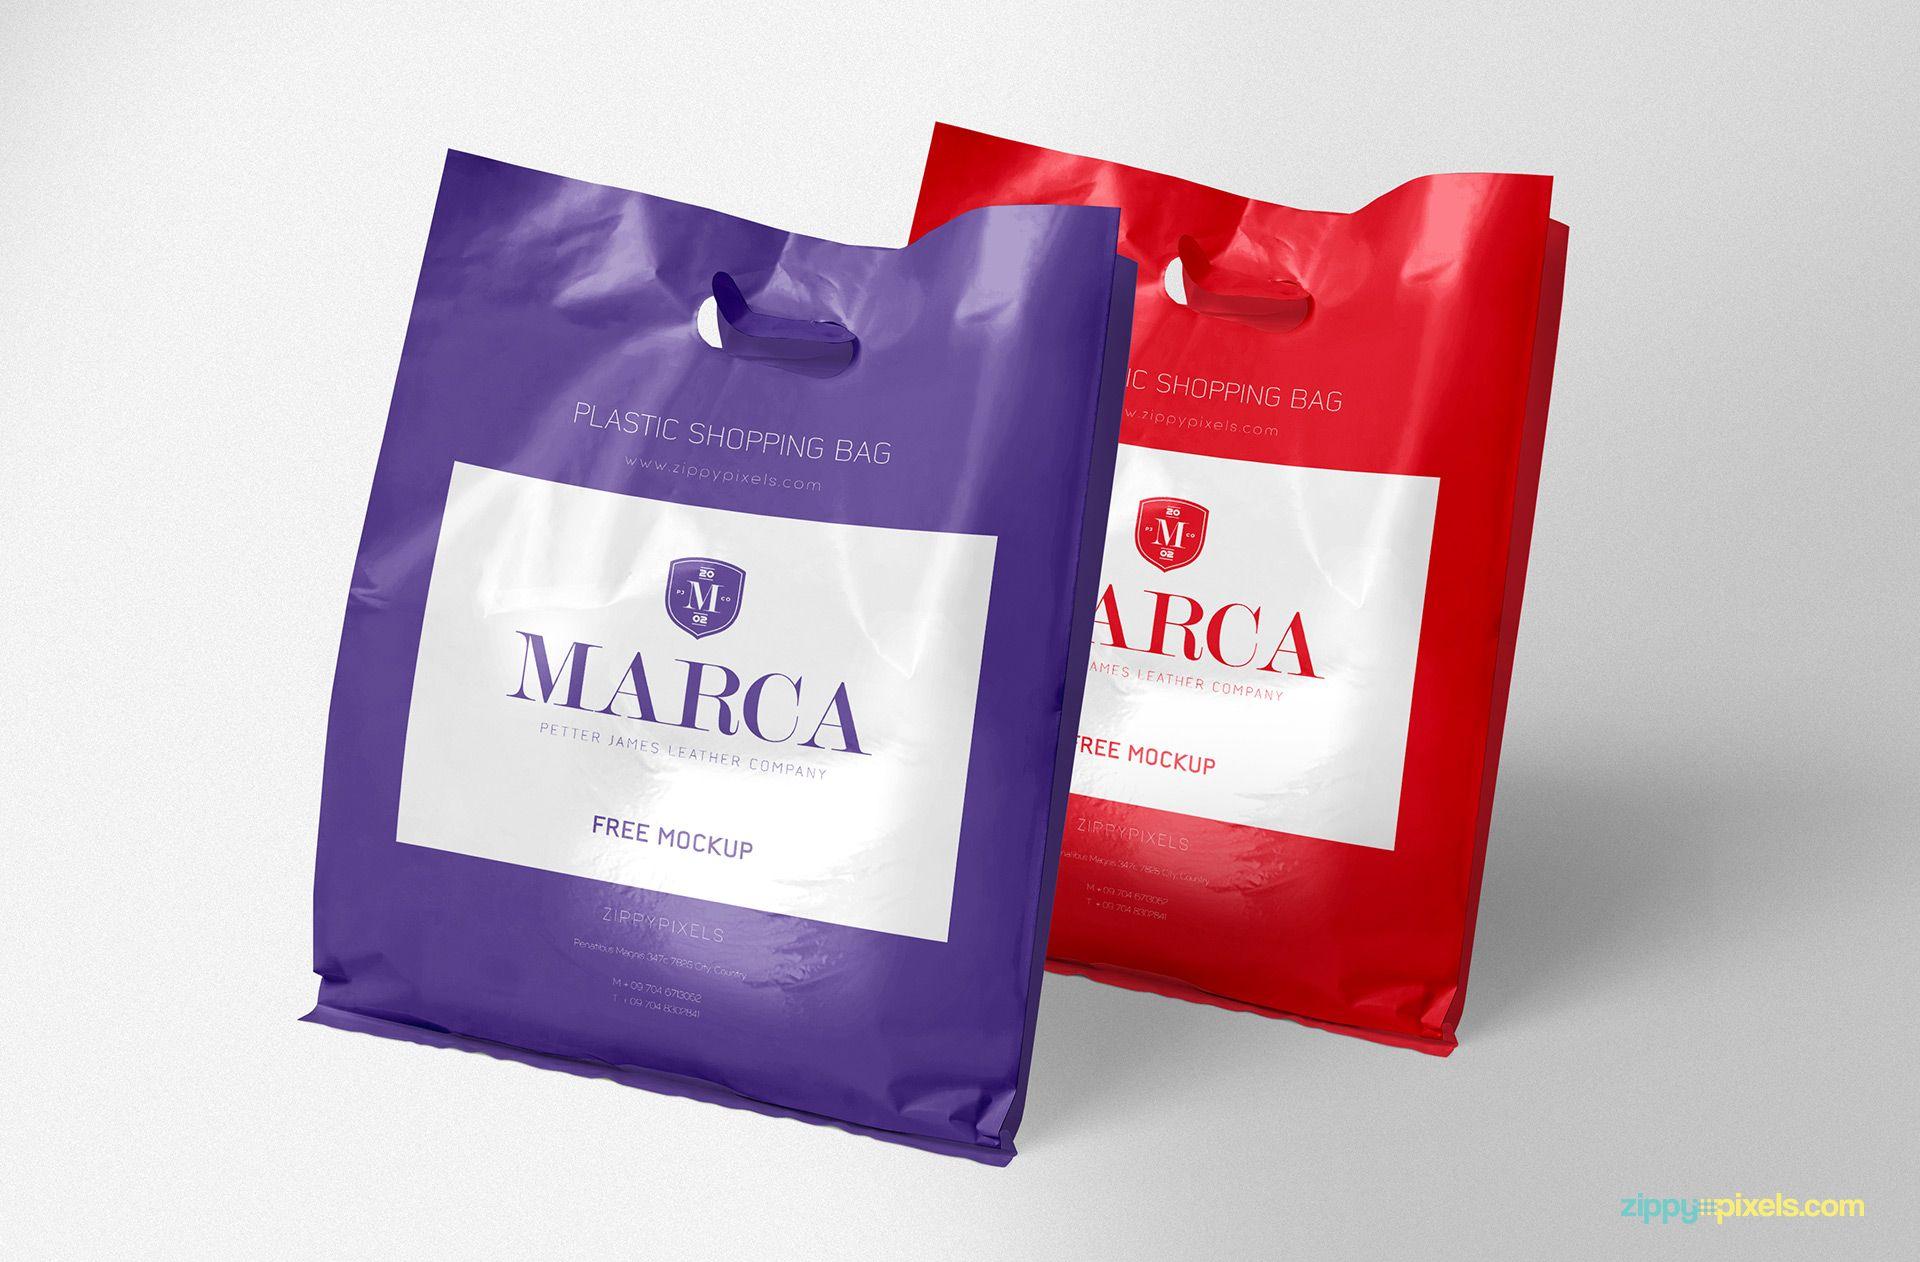 Download Free Plastic Bag Mockup Zippypixels Bag Mockup Free Packaging Mockup Plastic Bag